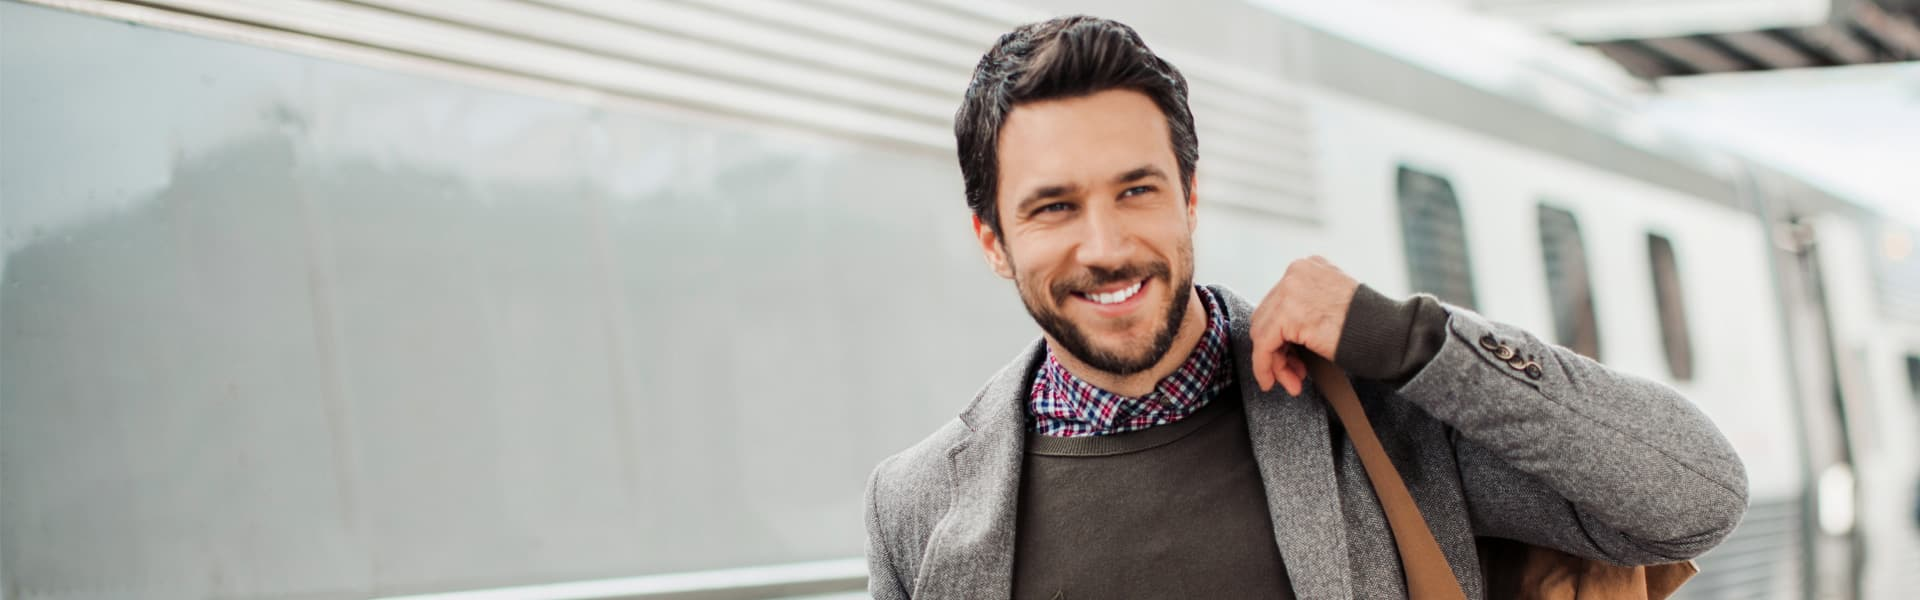 Lächelnder Mann im Tweed-Anzug am Bahngleis vor einem Zug